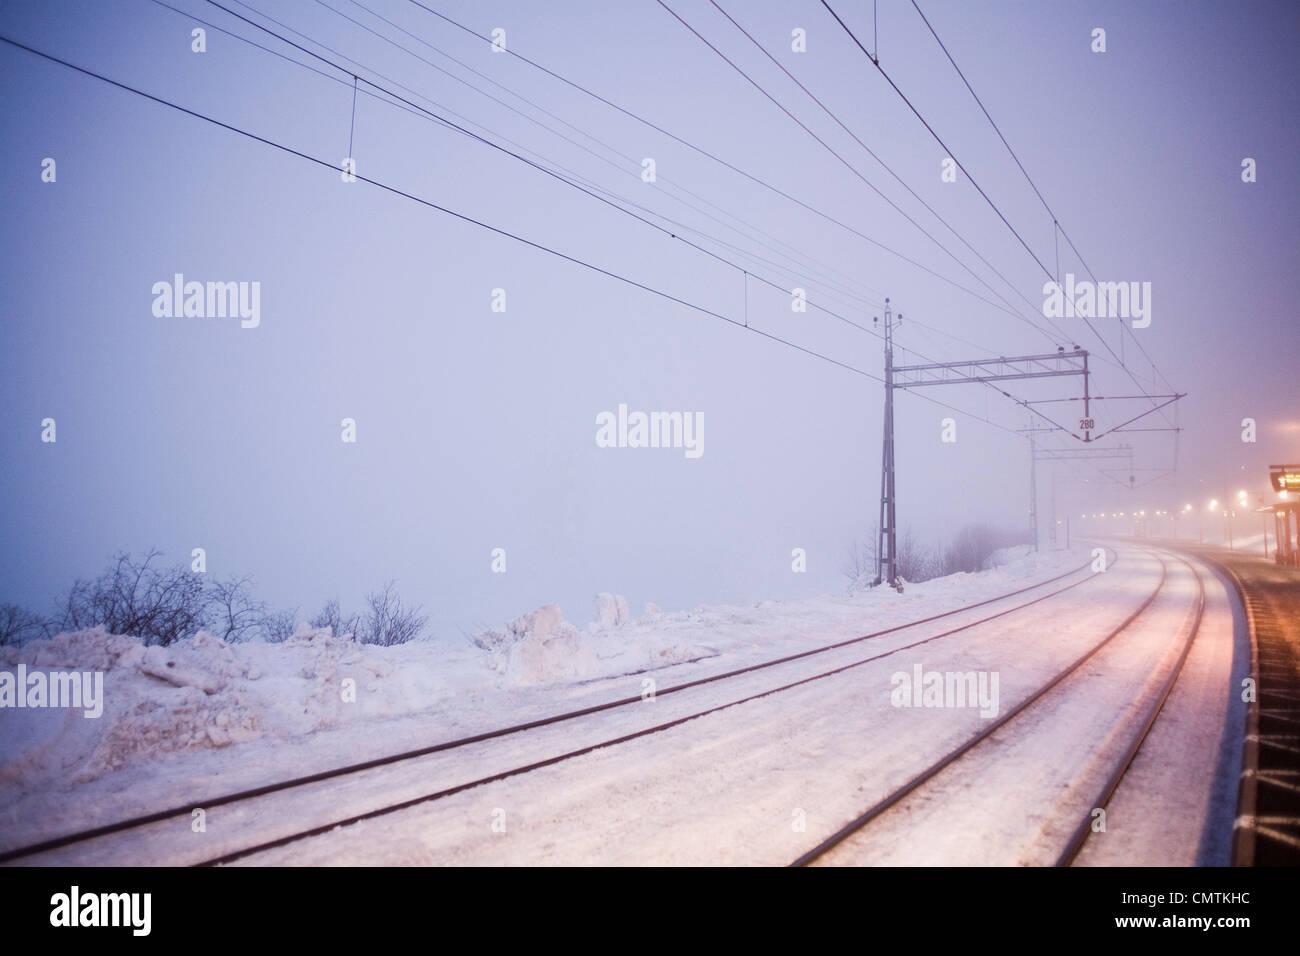 Schneereichen Bahnstrecke einen kalten Winterabend Stockbild